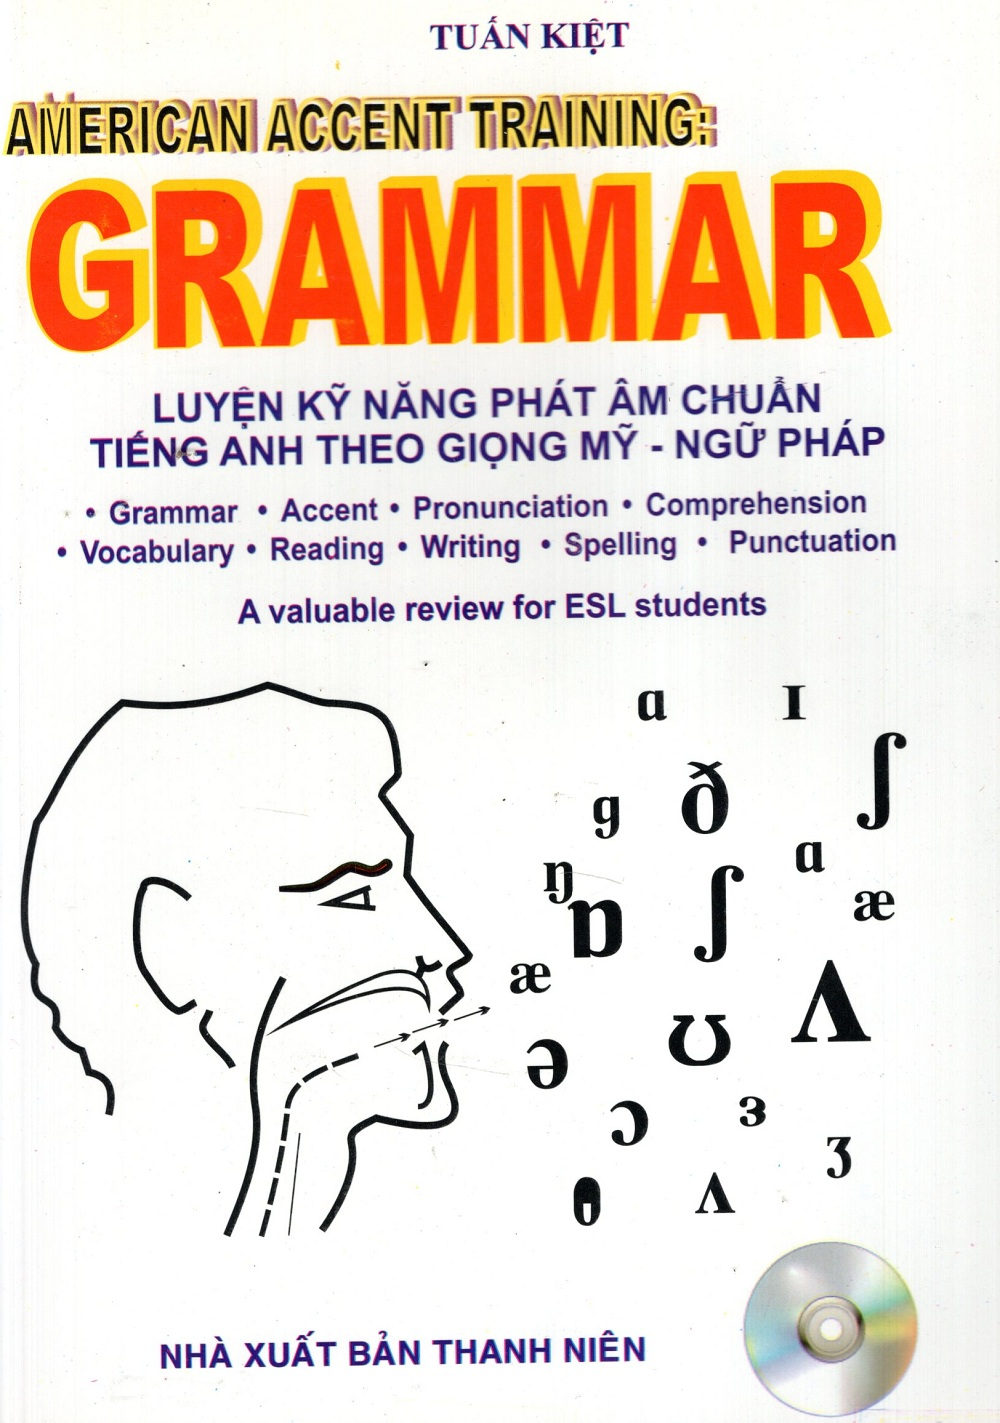 Bìa sách American Accent Training: Grammar (Luyện Kỹ Năng Phát Âm Chuẩn Tiếng Anh Theo Giọng Mỹ - Ngữ Pháp) (Kèm CD)